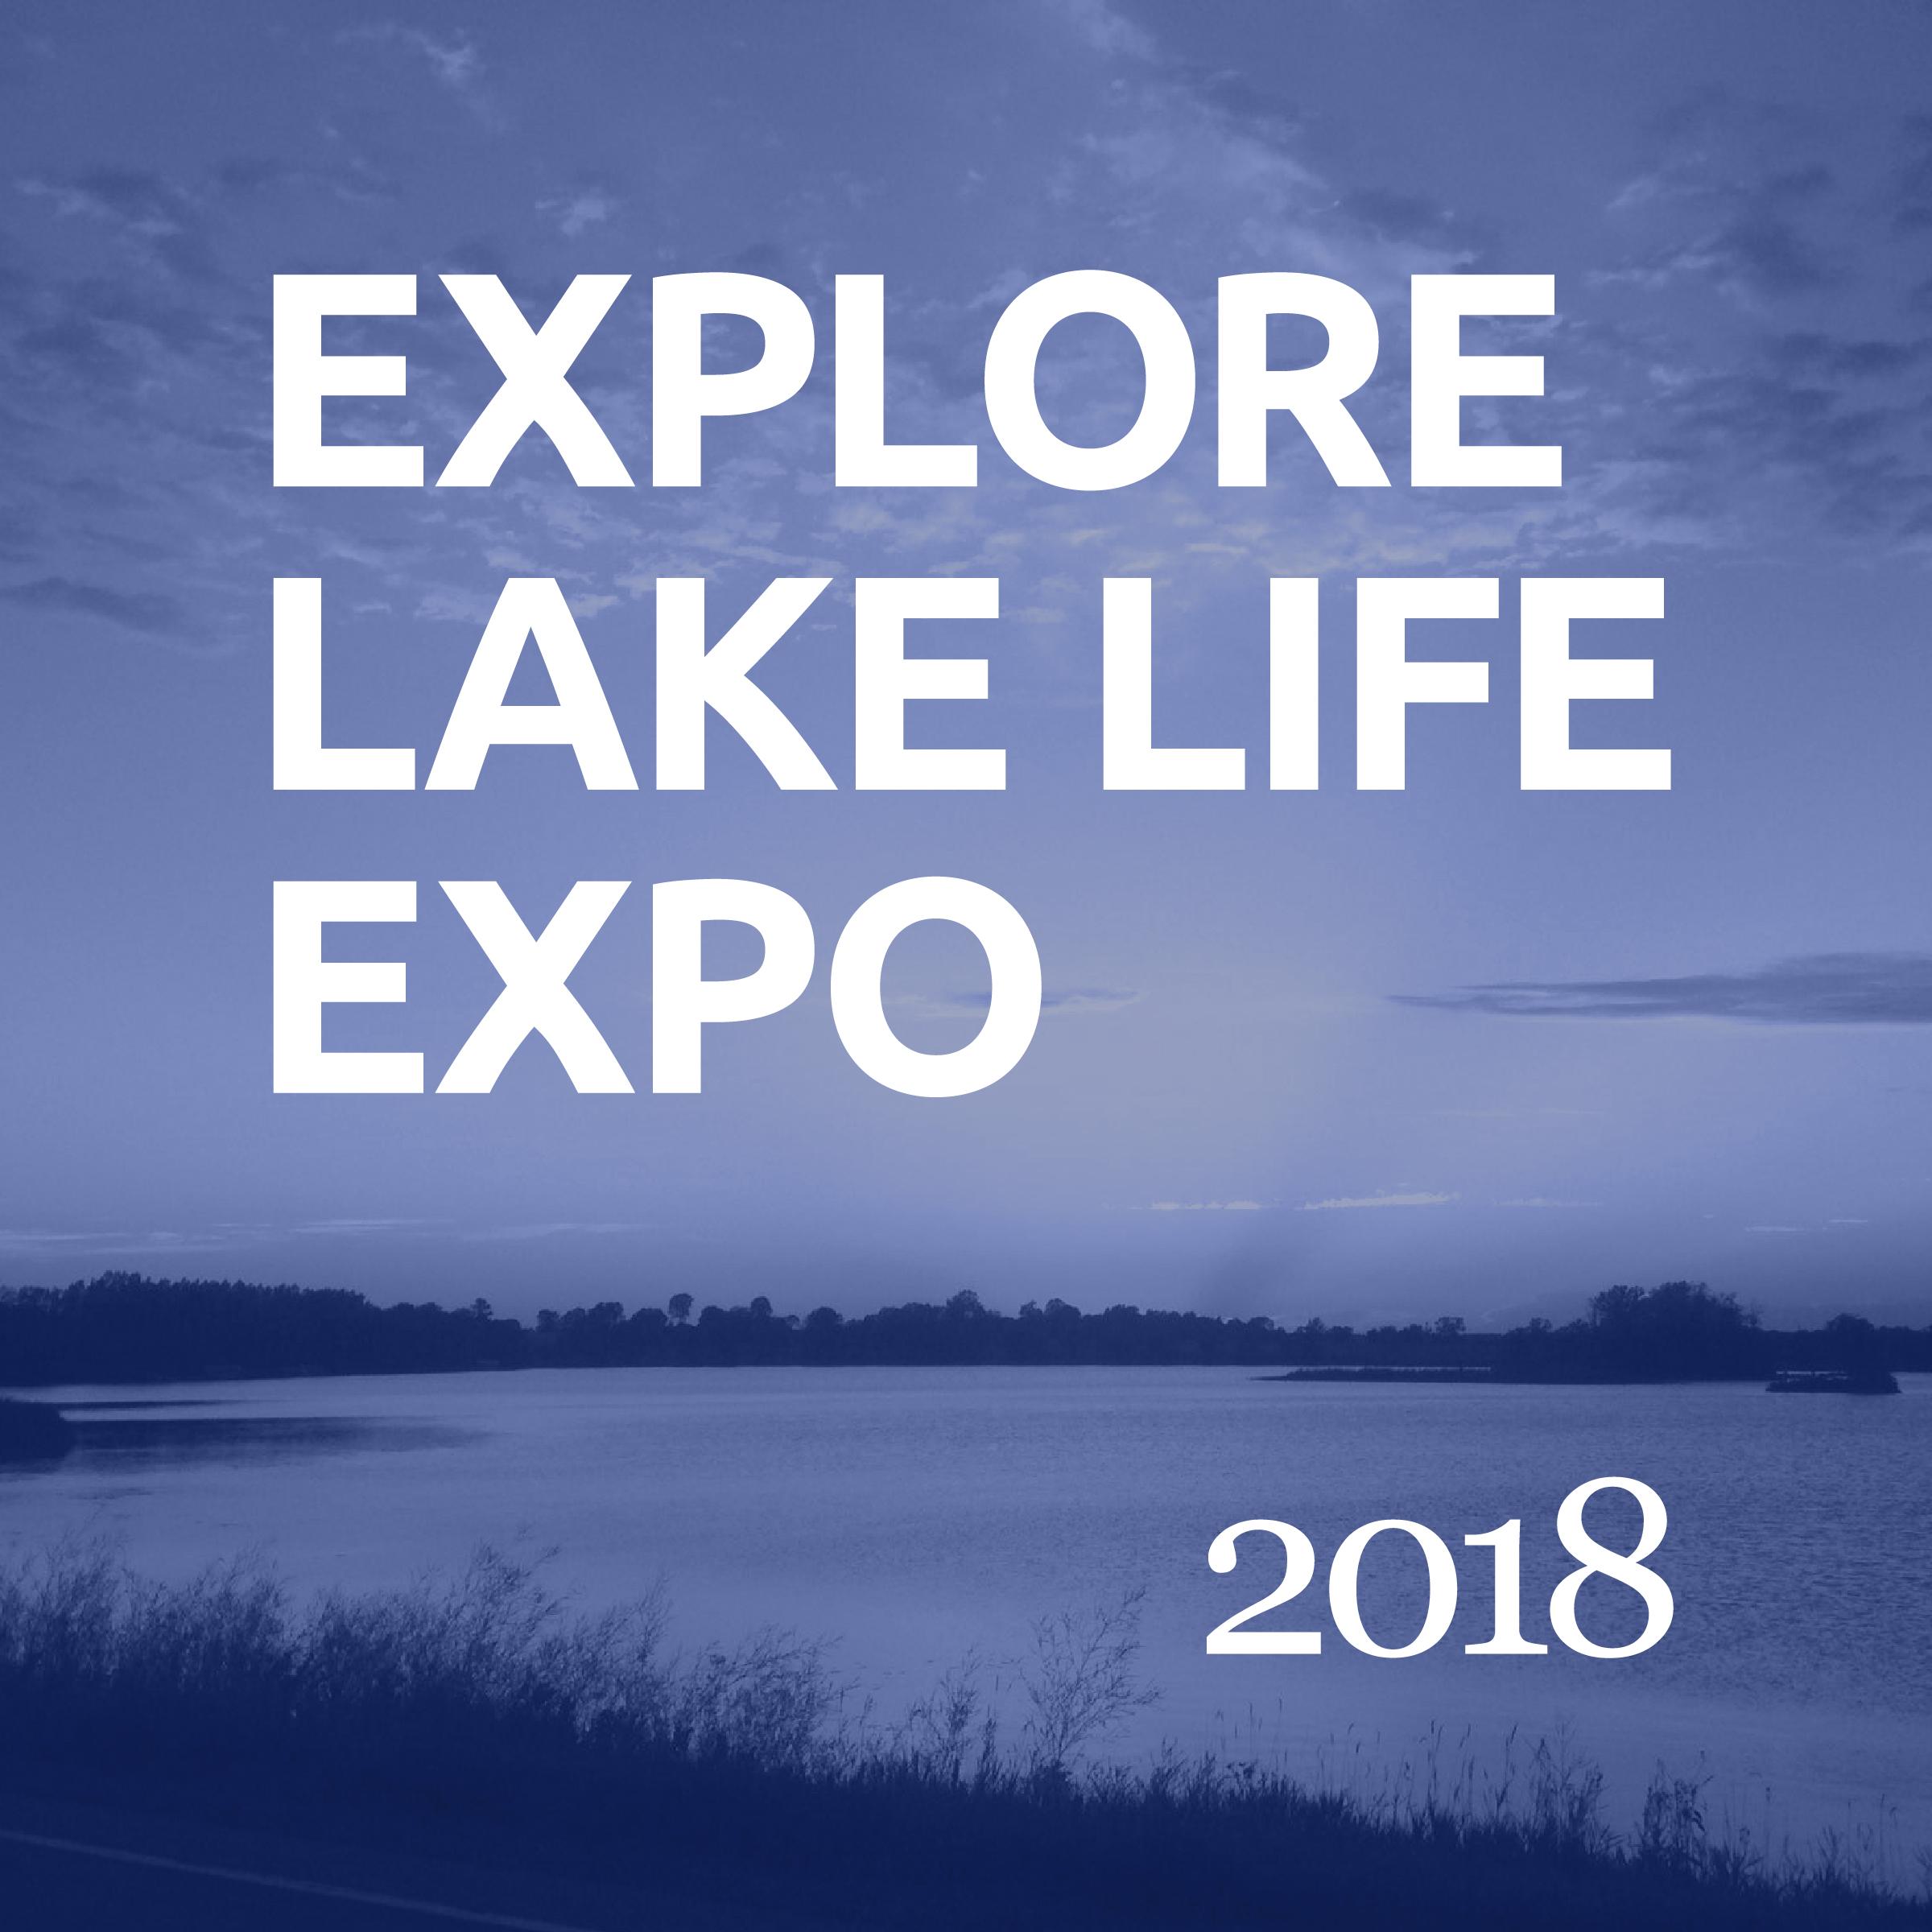 ExploreLLExpo-Logo2018.jpg